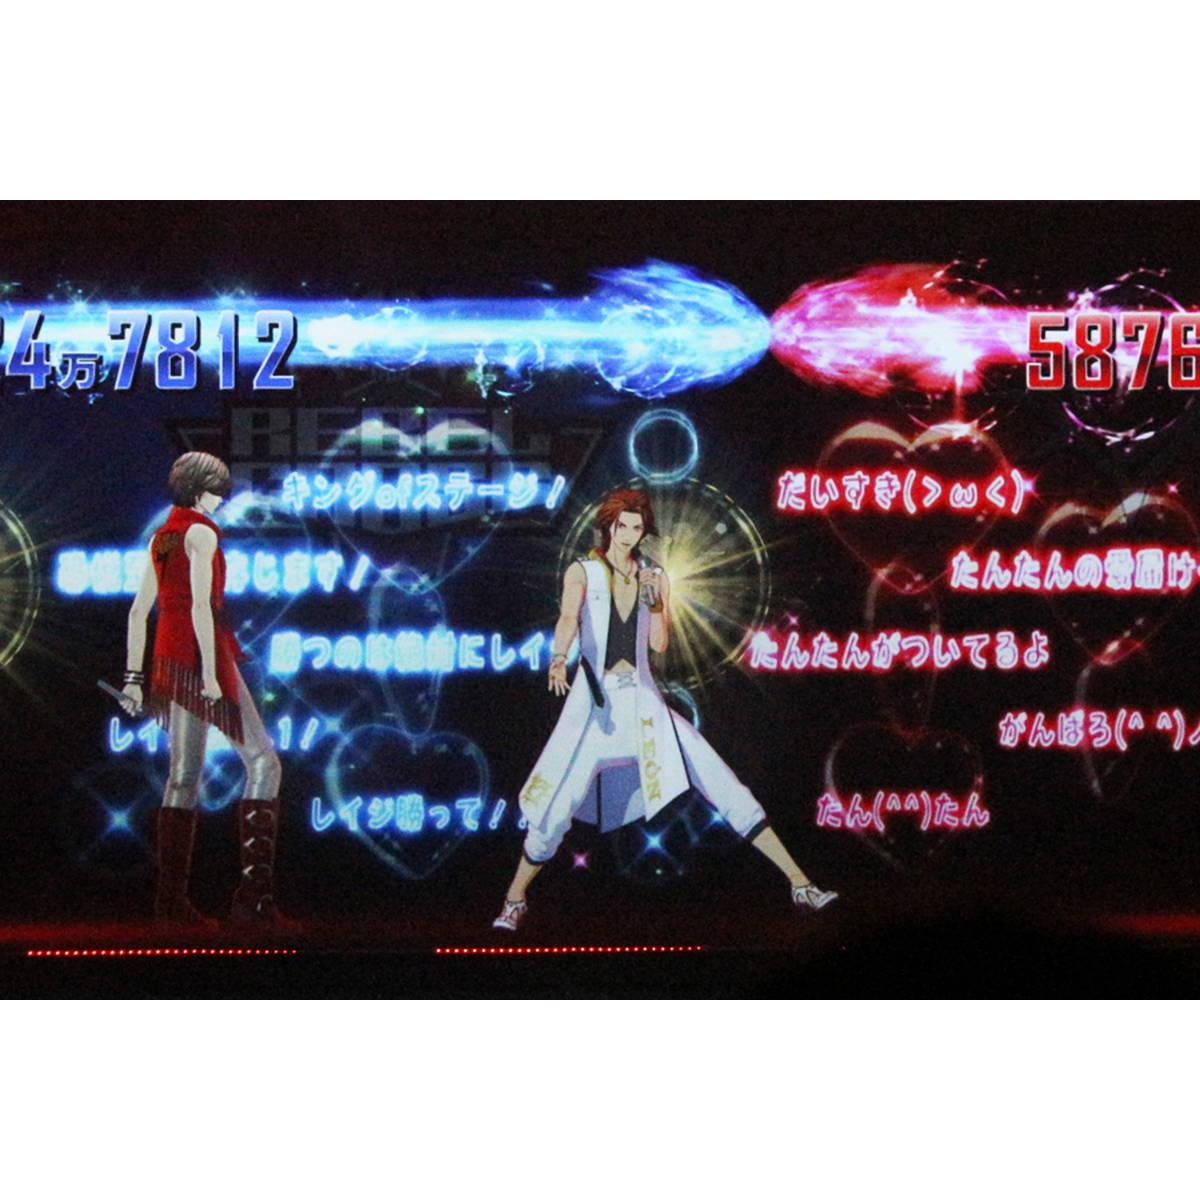 """""""維新""""を垣間見た、デジタルアーティスト「ARP」の「3rd A'LIVE」"""